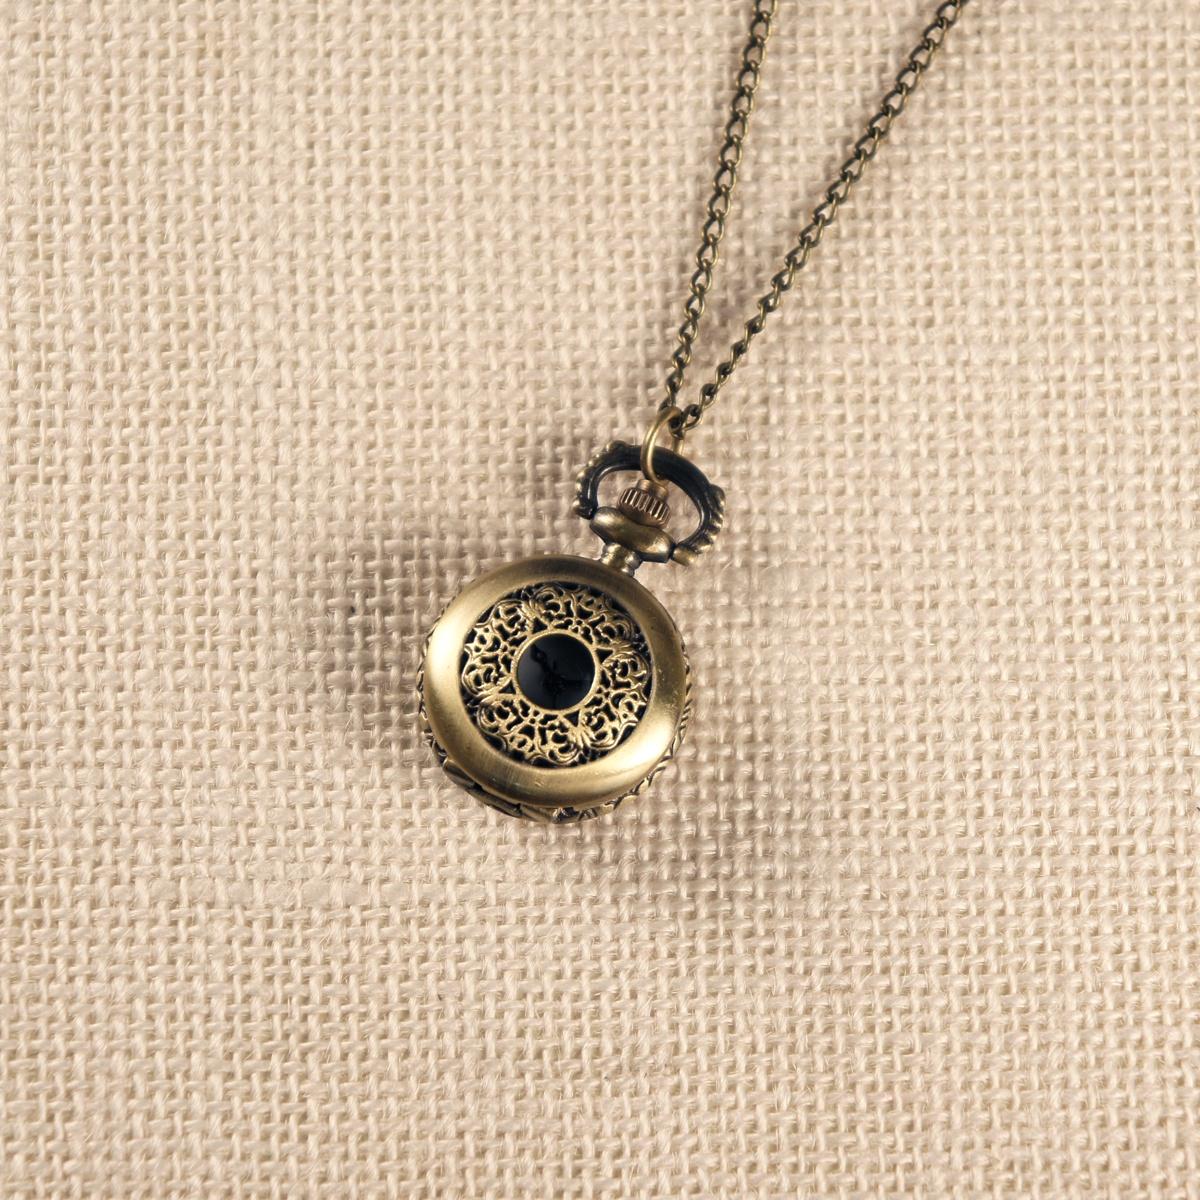 Карманные часы Mitya Veselkov ANTIK102, бронза полые бронзовый античный китайского зодиака тигр чувствительных ожерелье кулон карманные часы